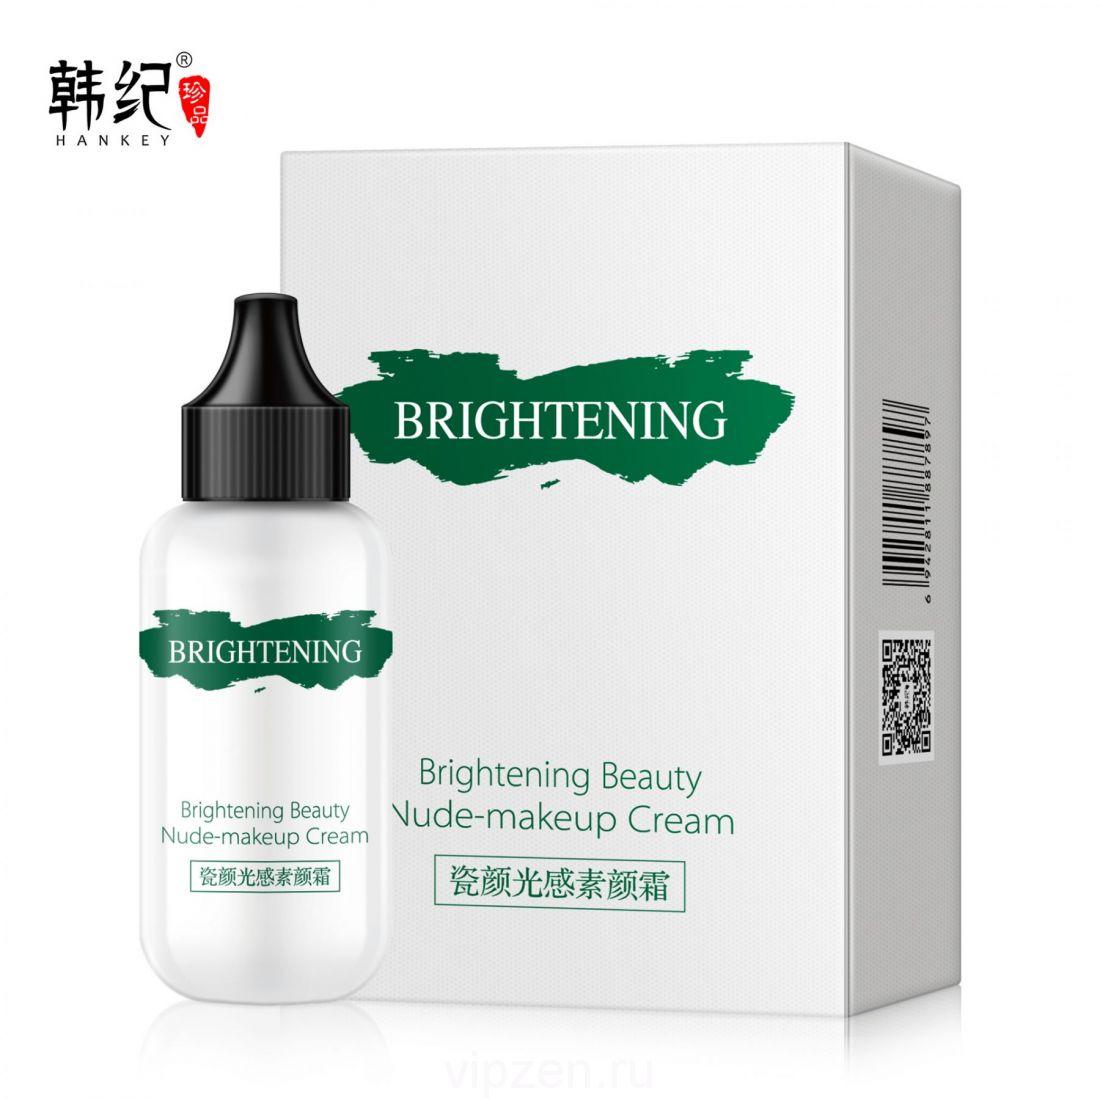 Хан Цзи фарфор лицо свет чувство ленивый простой крем укрыватель увлажняющий увлажняющий увлажняющий крем для лица производители Оптовая